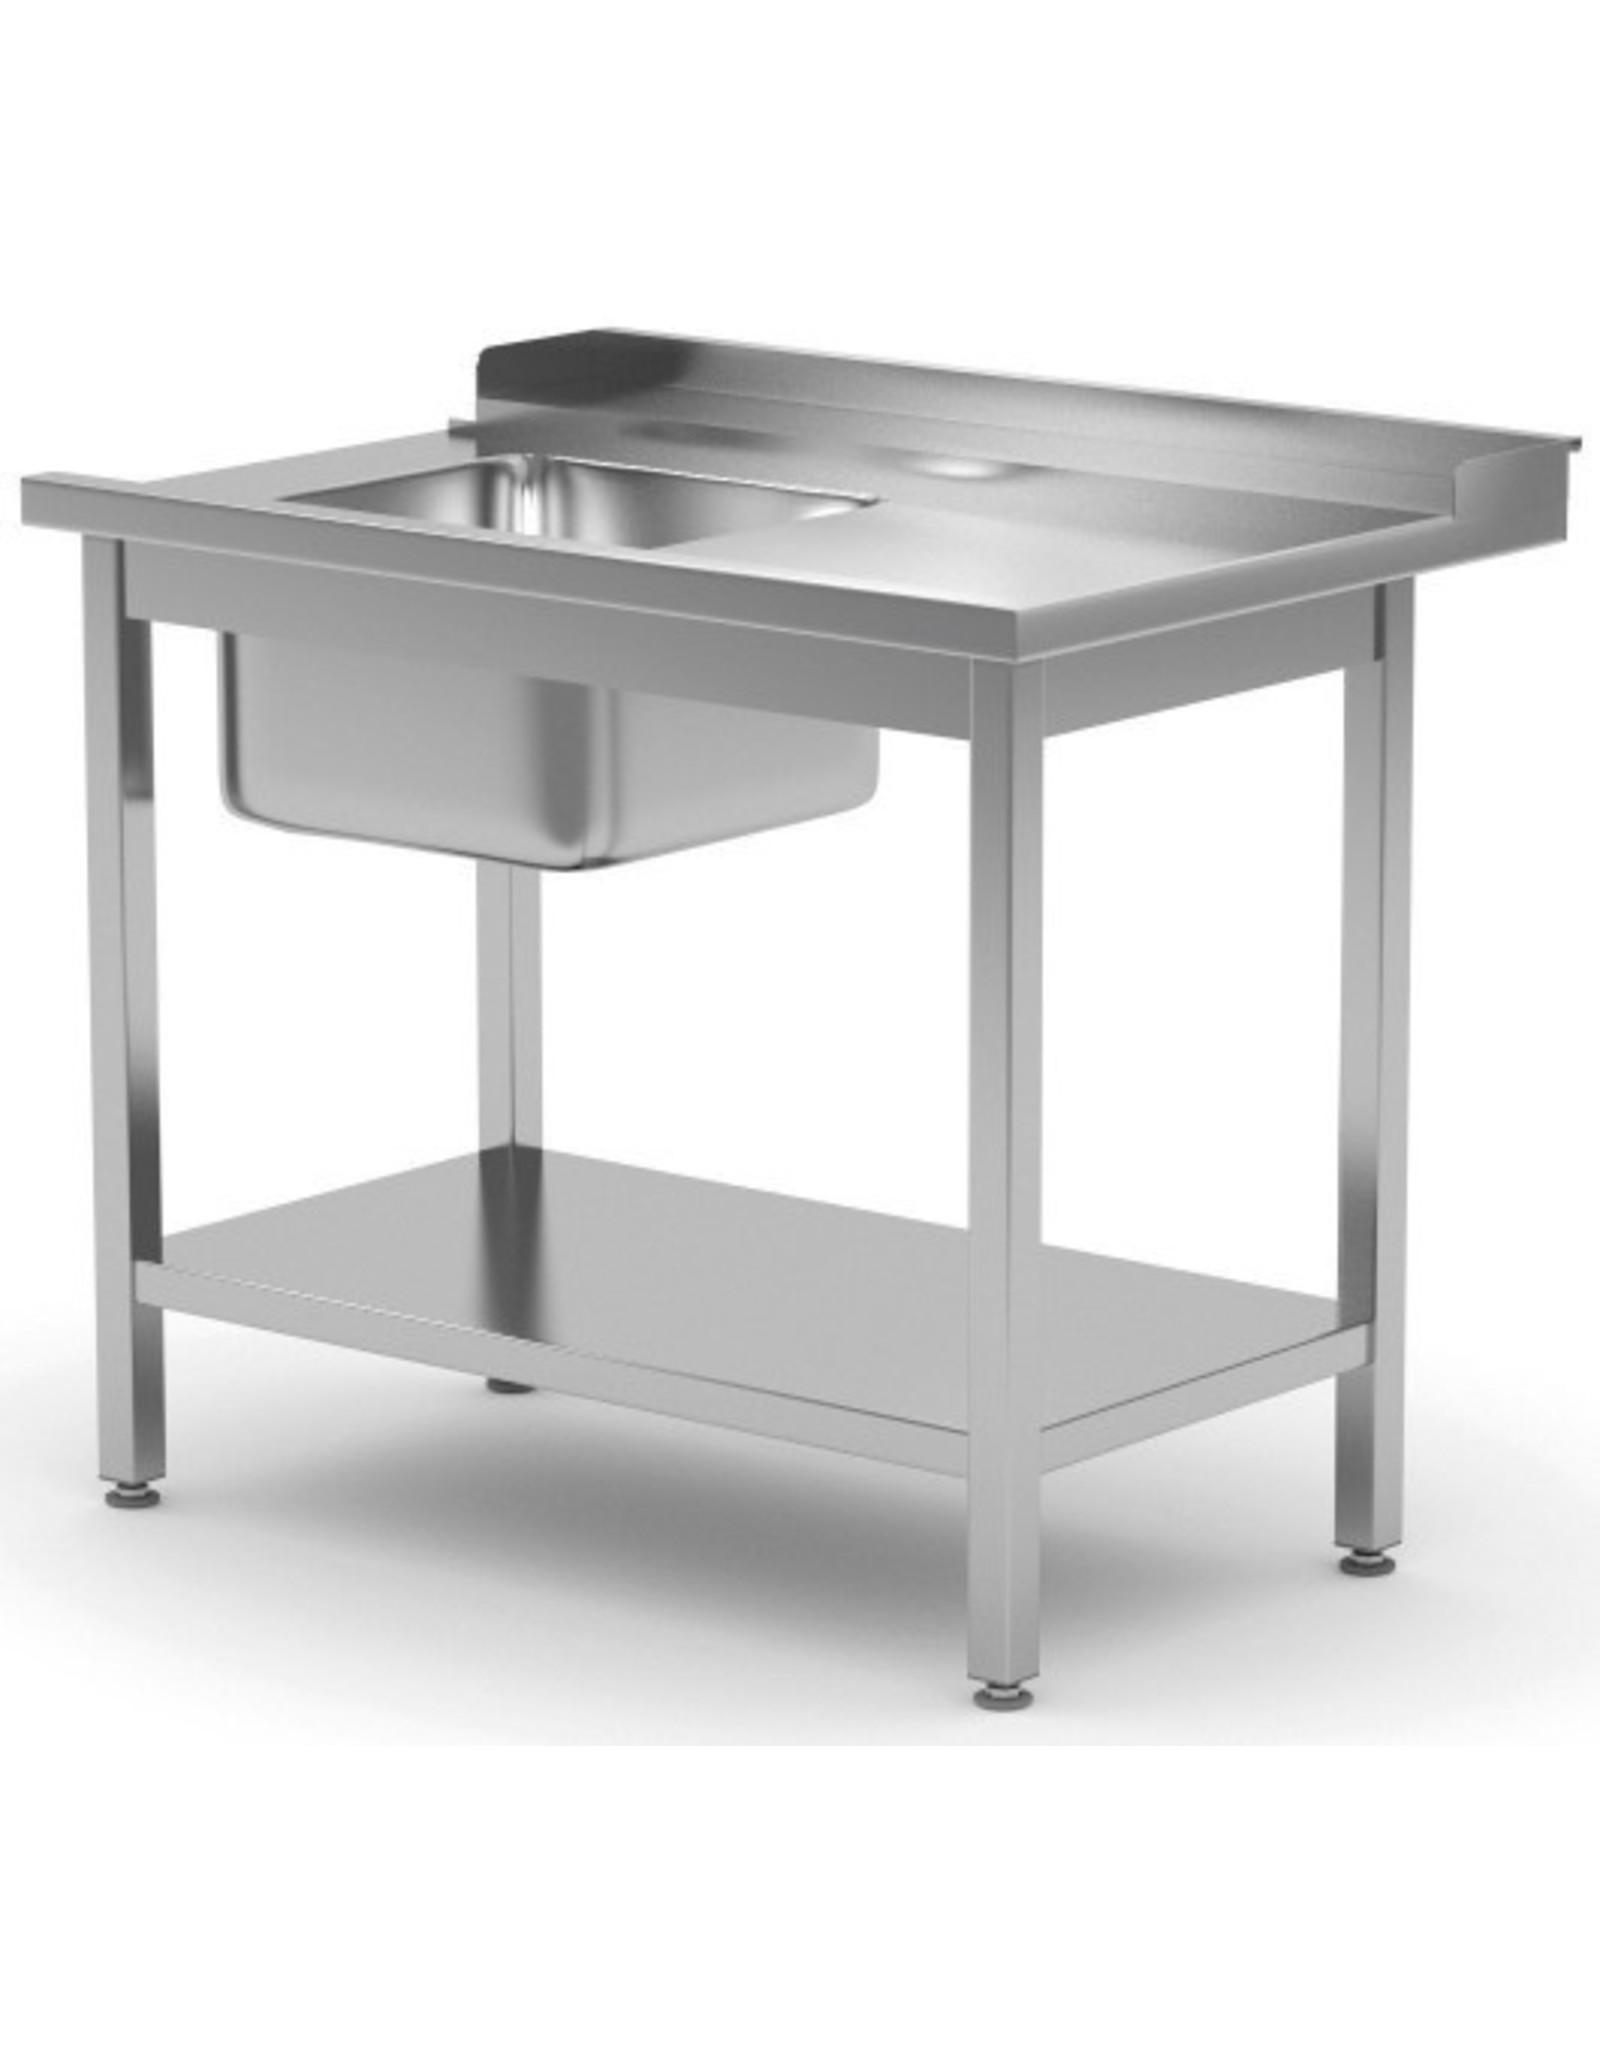 Aanvoertafel doorschuifvaatwasser | met onderplank | rechts van vaatwasser | 800-1400mm breed | 700 of 760mm diep